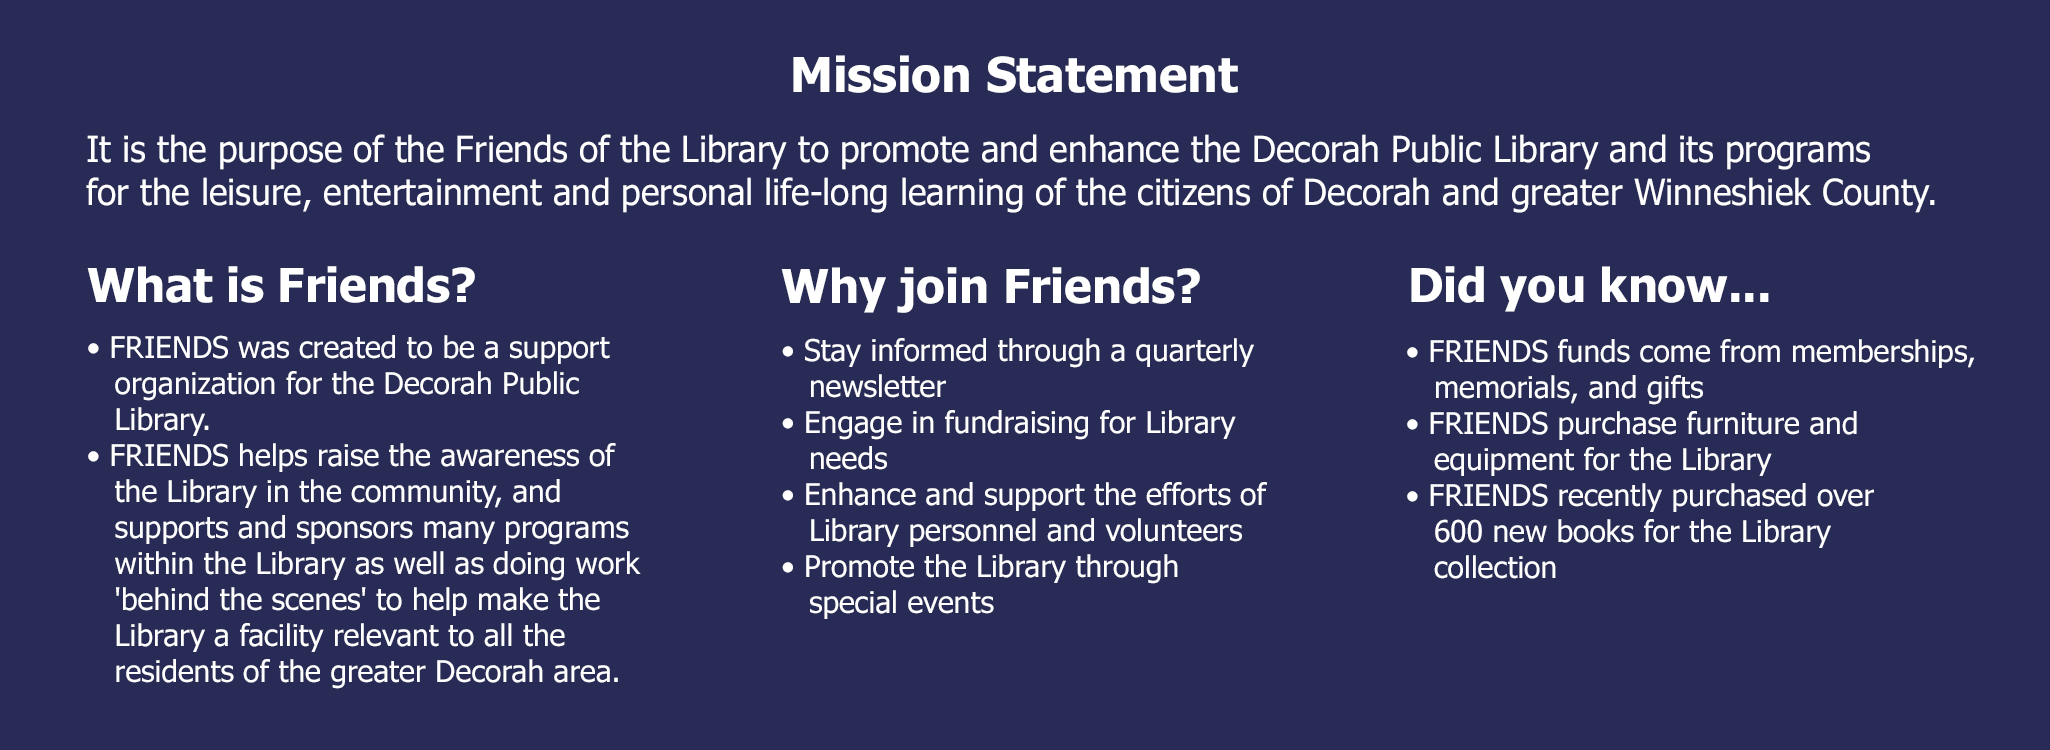 Friends Info Banner Mission Statement